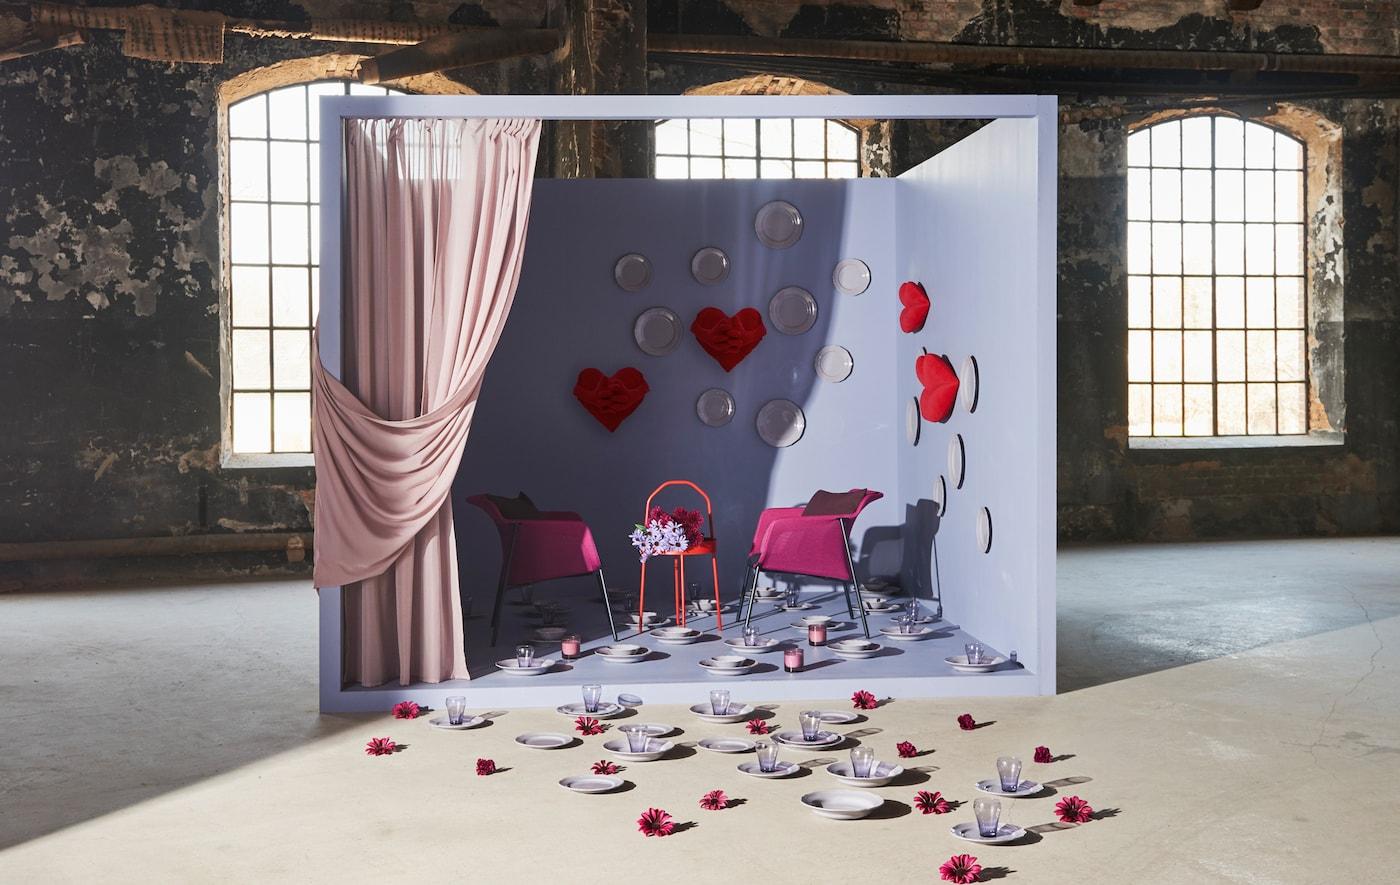 Puisant dans le spectre qui va du rose pâle au rouge vif, nous avons mélangé teintes et matériaux pour créer une décoration de séjour inspirante.